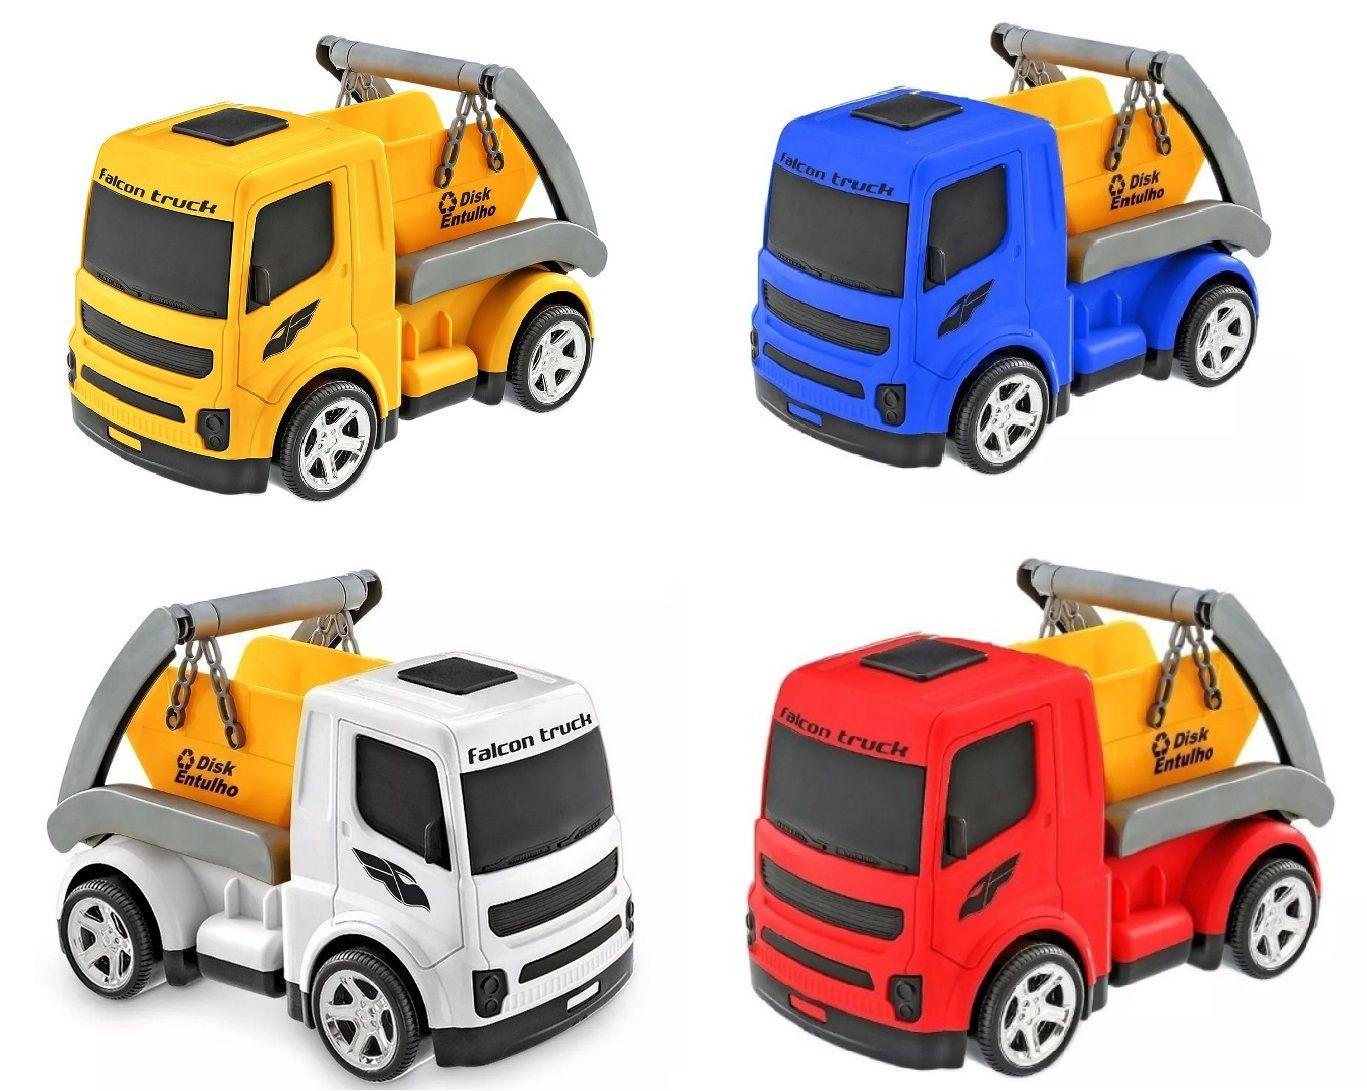 Caminhão Falcon Trucks Entulho - Usual Brinquedos